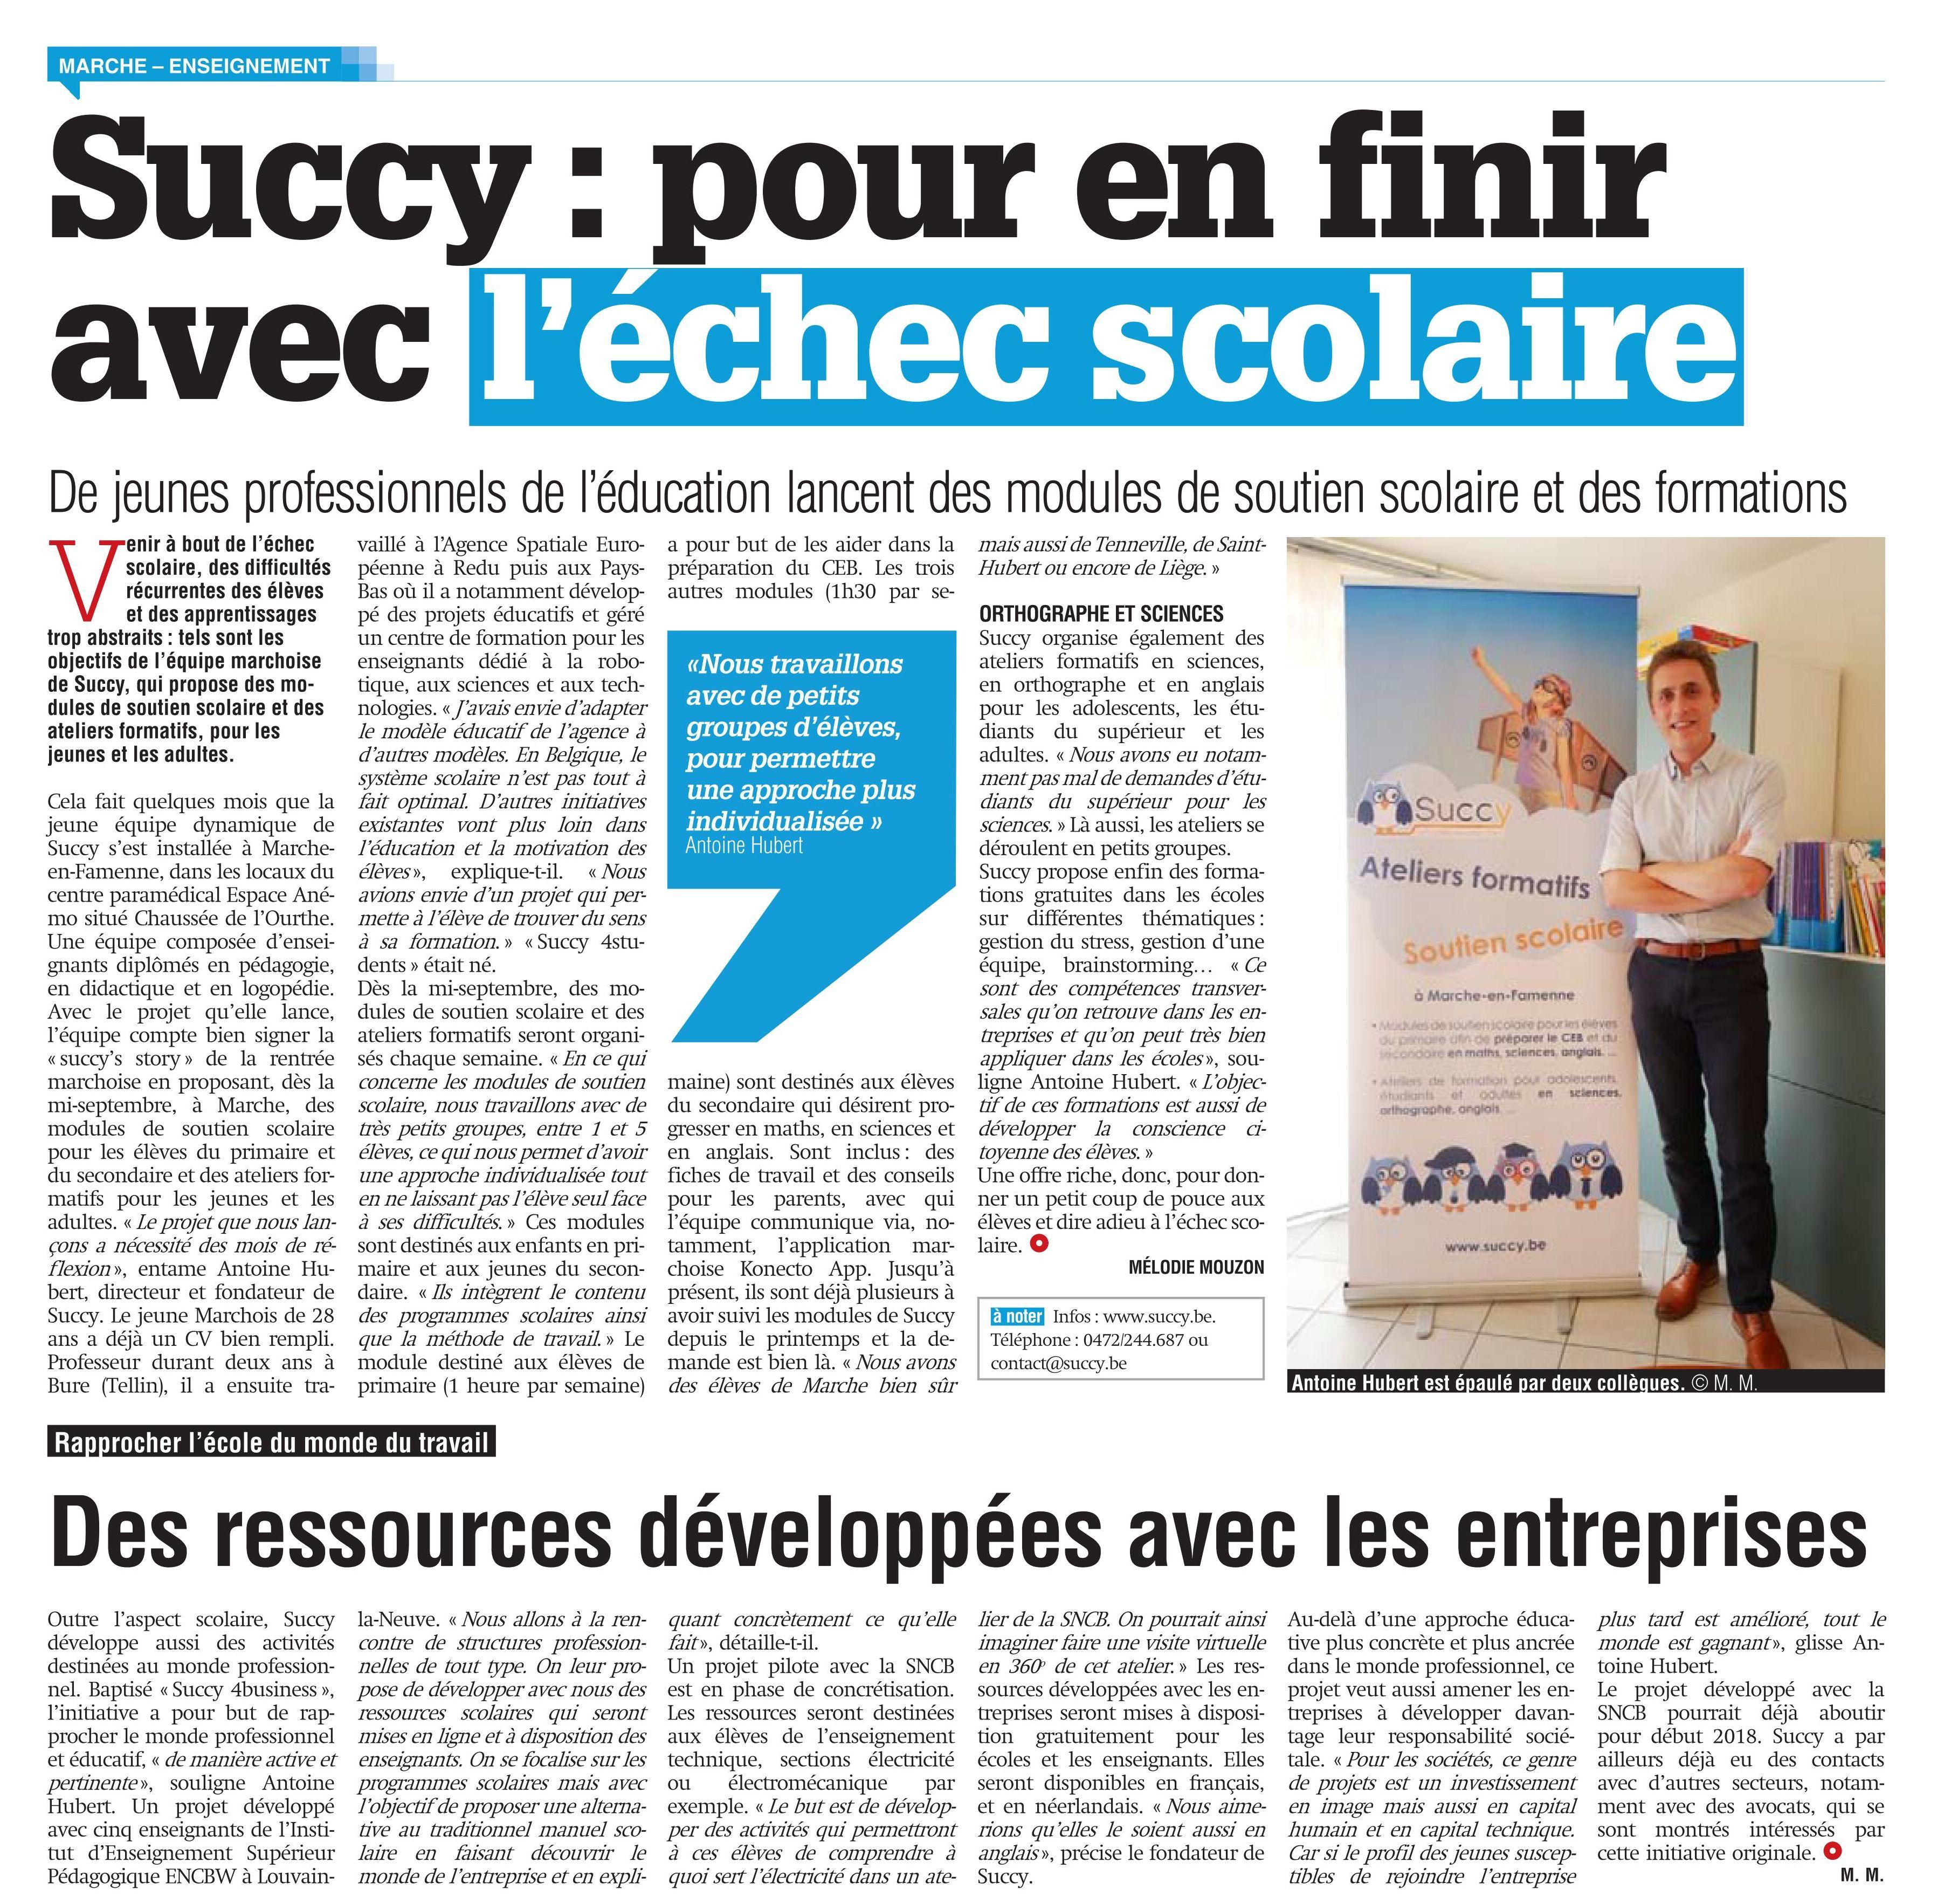 Succy - éducation et formation à Marche-en-Famenne - soutien scolaire, activités éducatives et formatives.